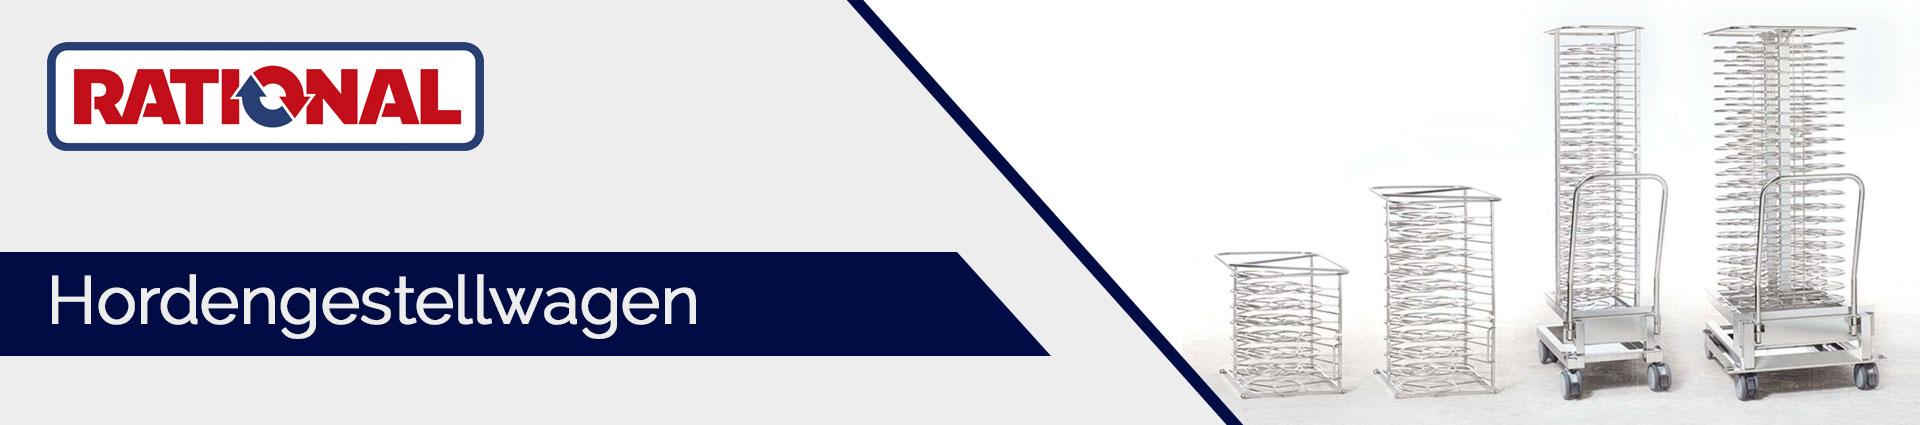 Rational Hordengestellwagen Banner